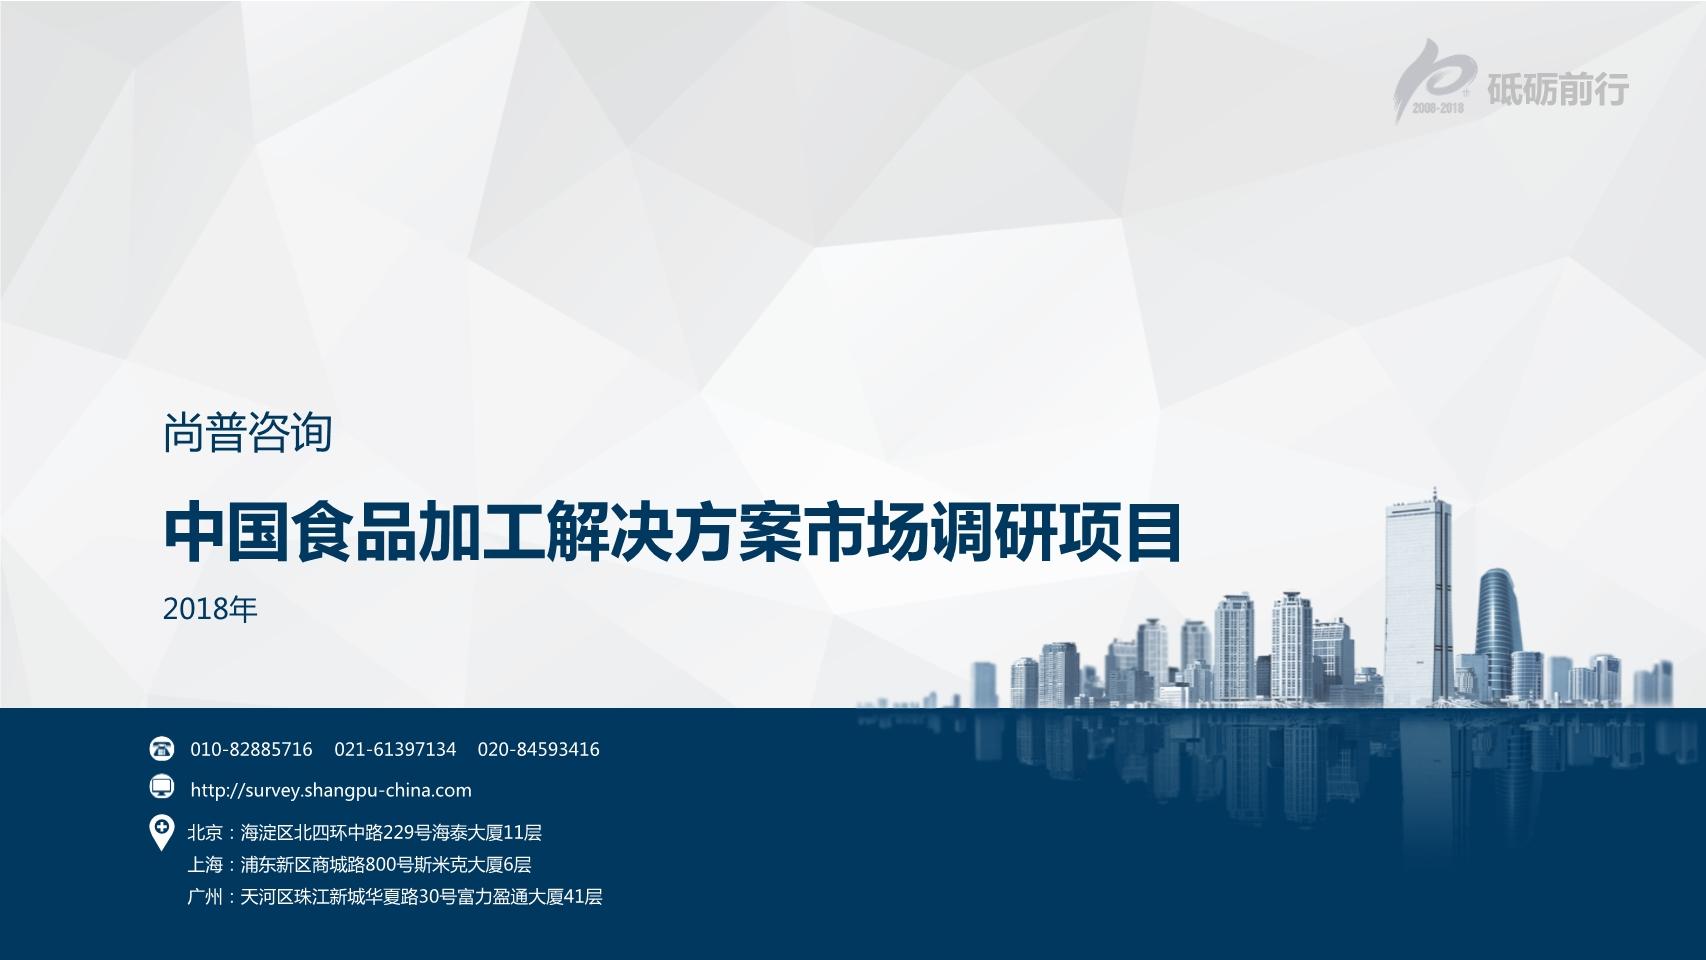 尚普咨询-中国食品加工解决方案市场调研项目